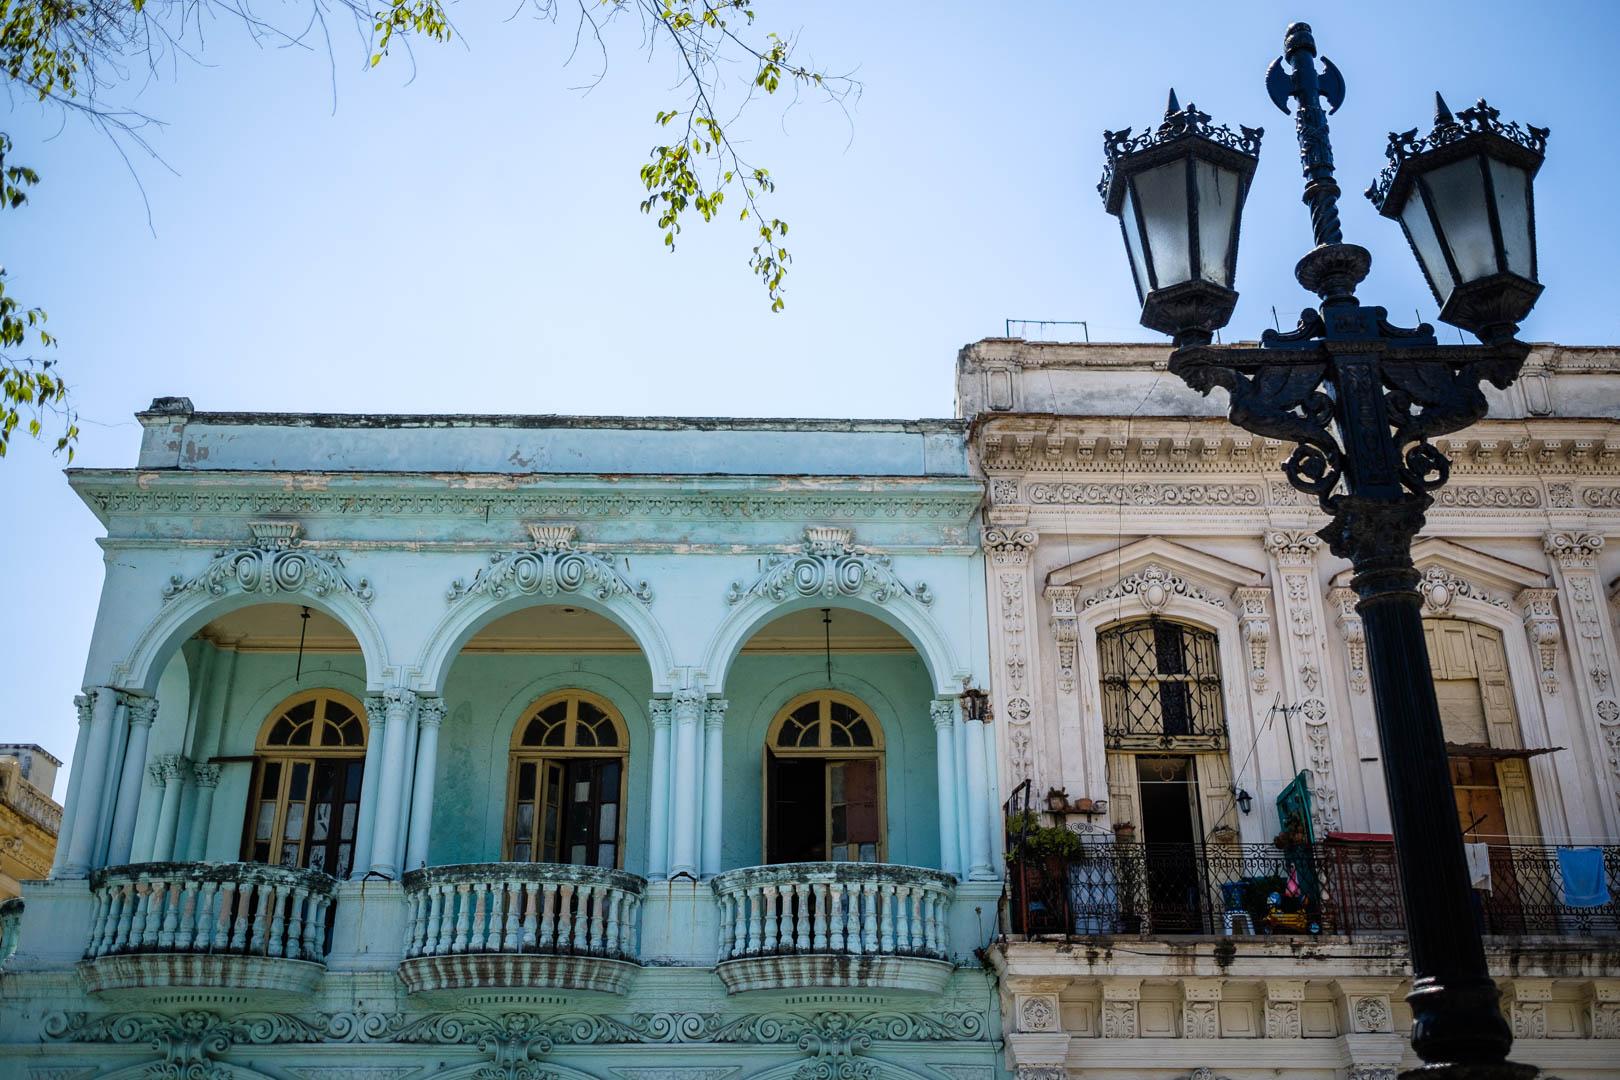 180501-Havana-286-1080.jpg